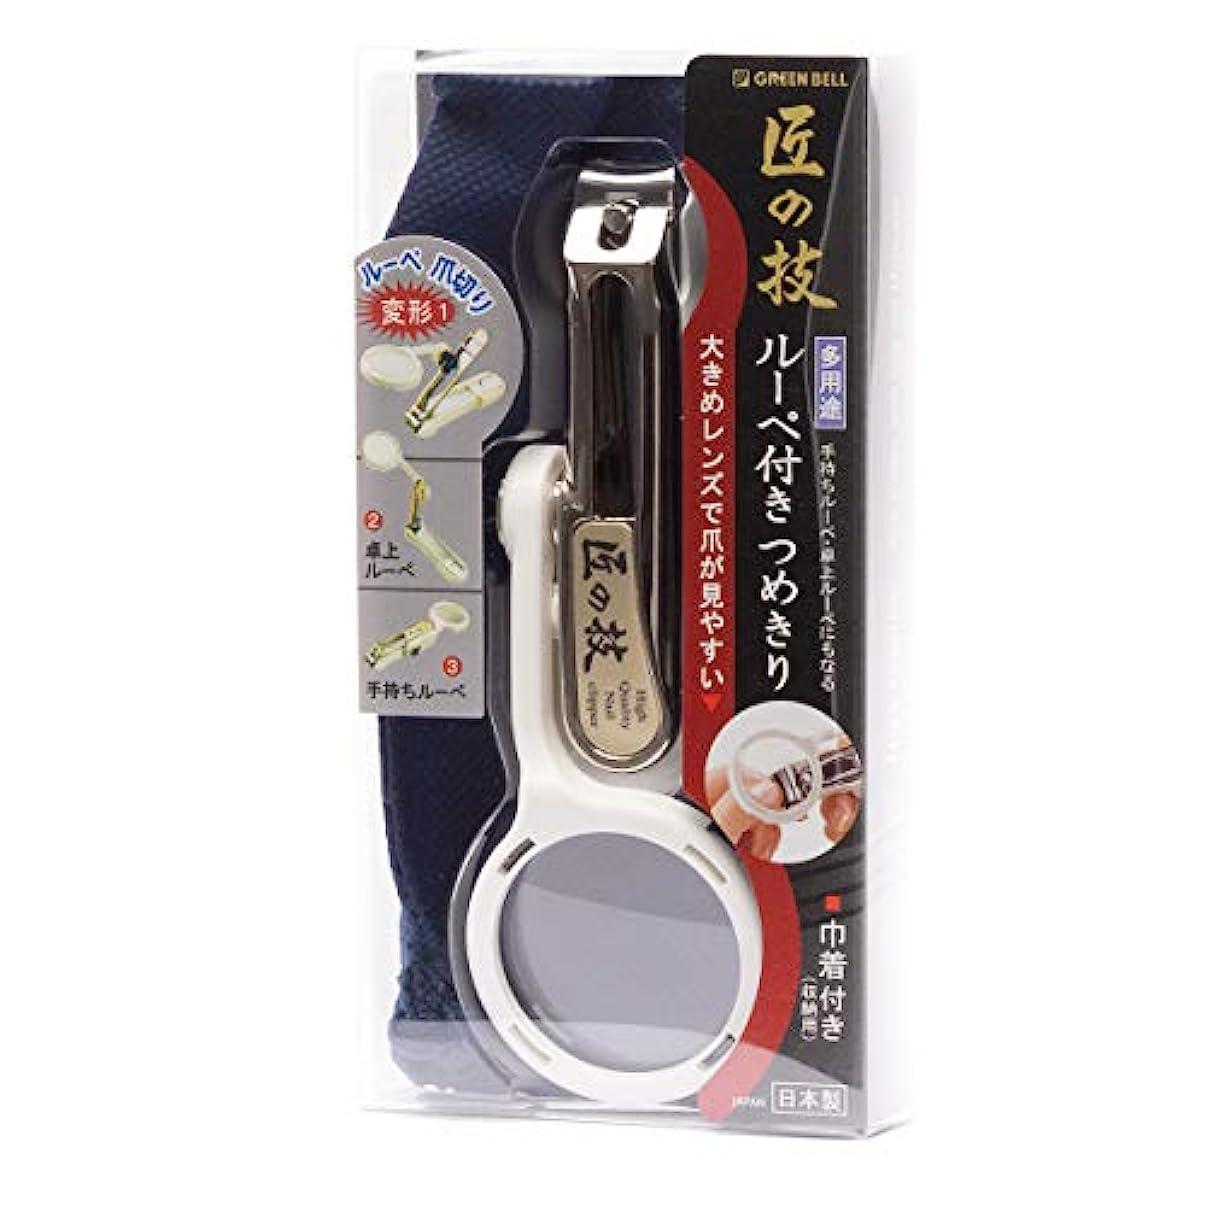 プロットスローおかしいMIDI-ミディ 匠の技 ルーペ付き つめきり 白 メガネ拭き セット (p-880122,p-k0055)